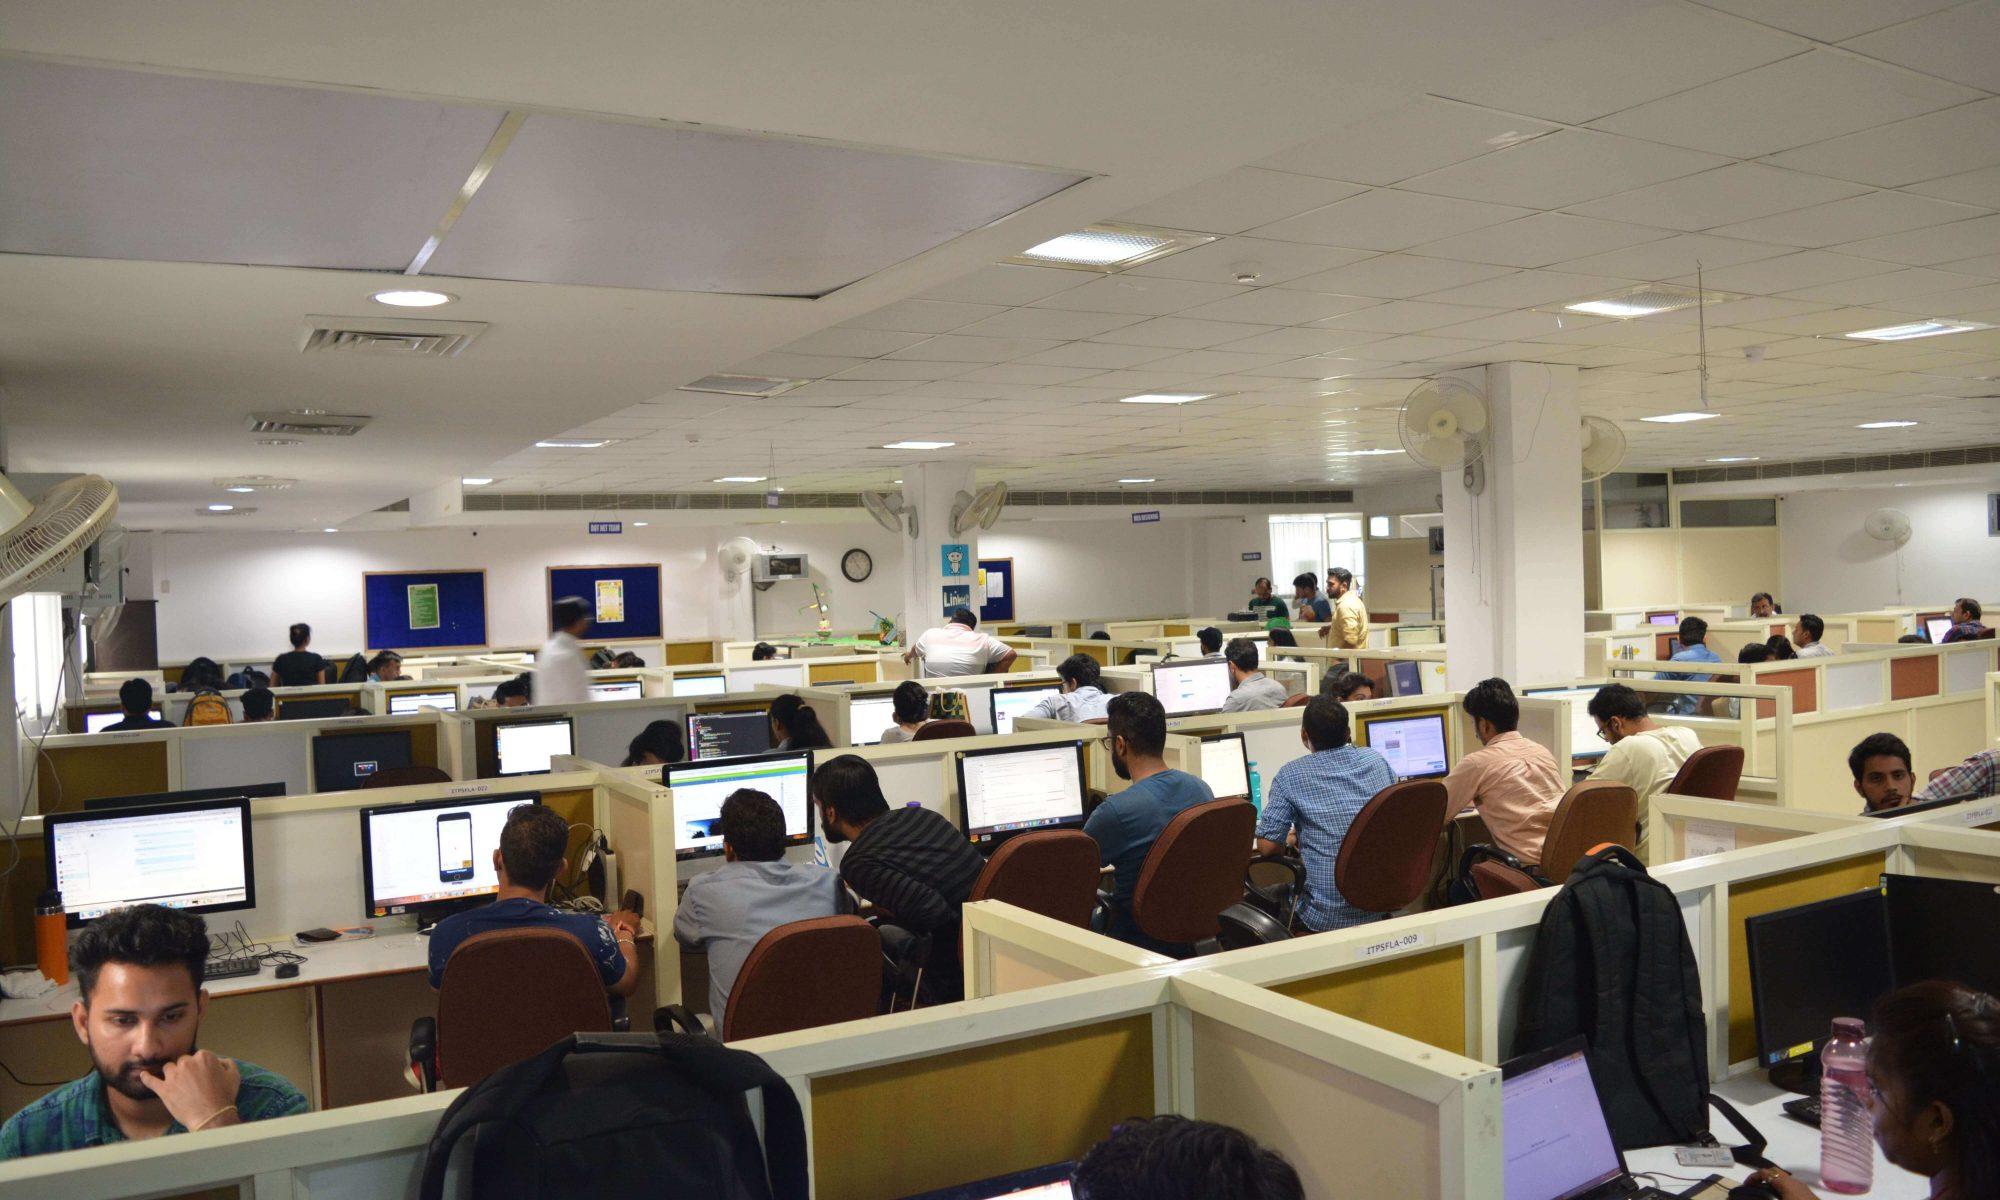 Working Atmosphere